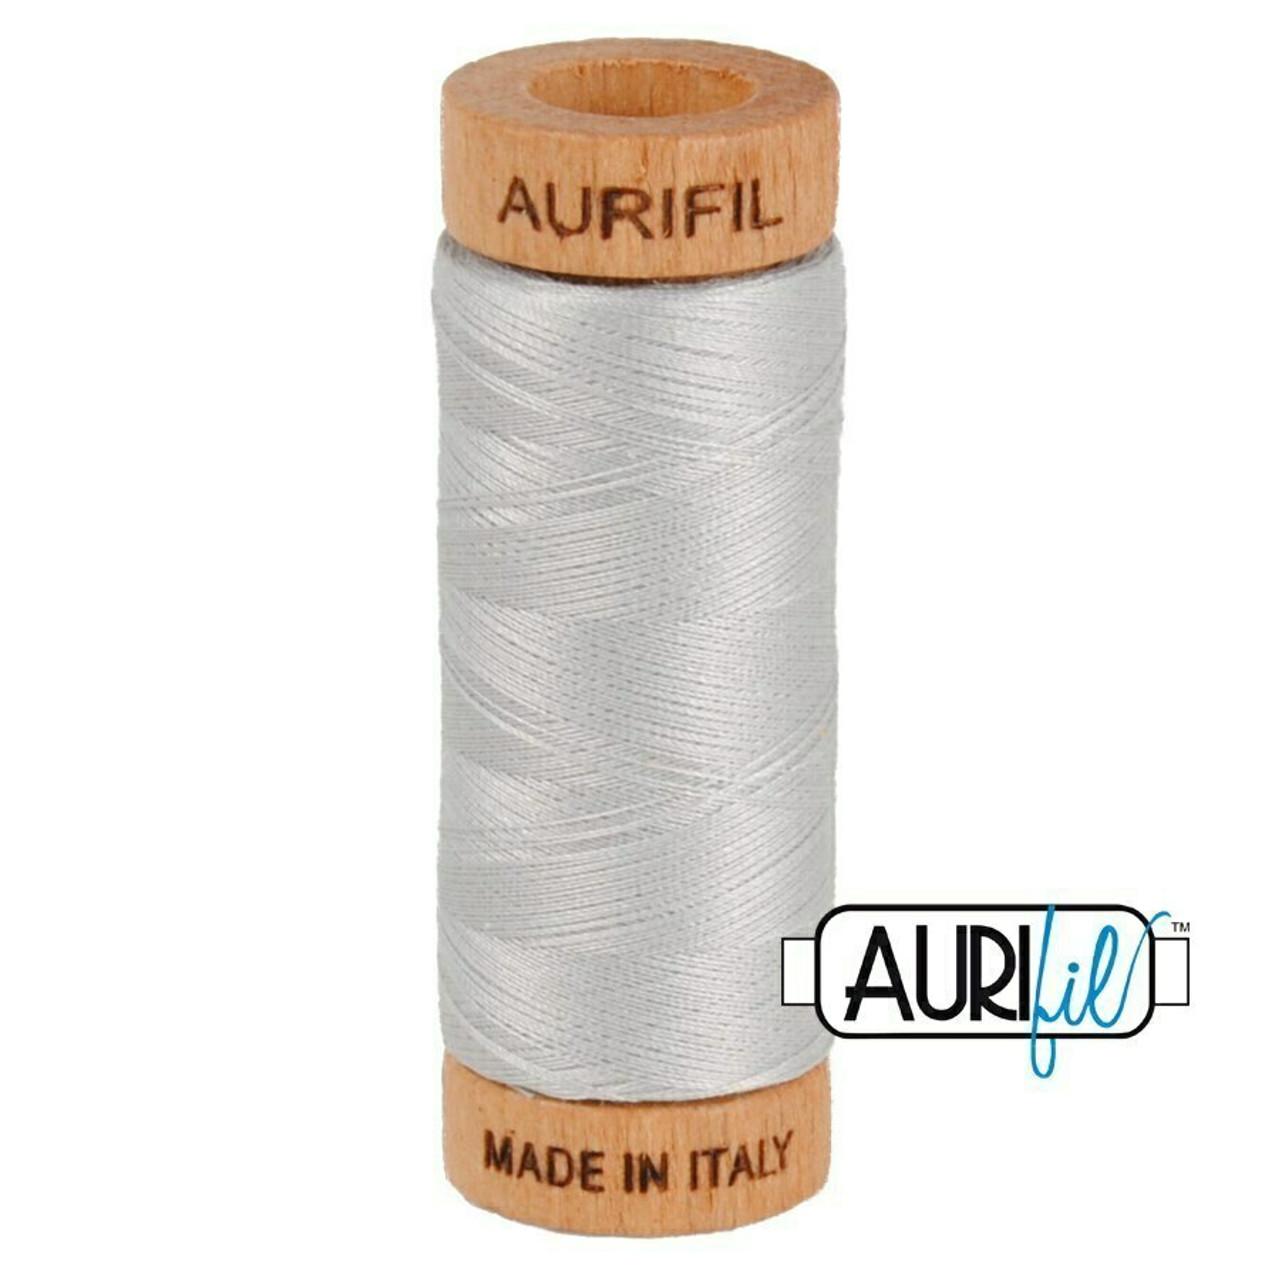 Aurifil 80wt Aluminium (2615) thread